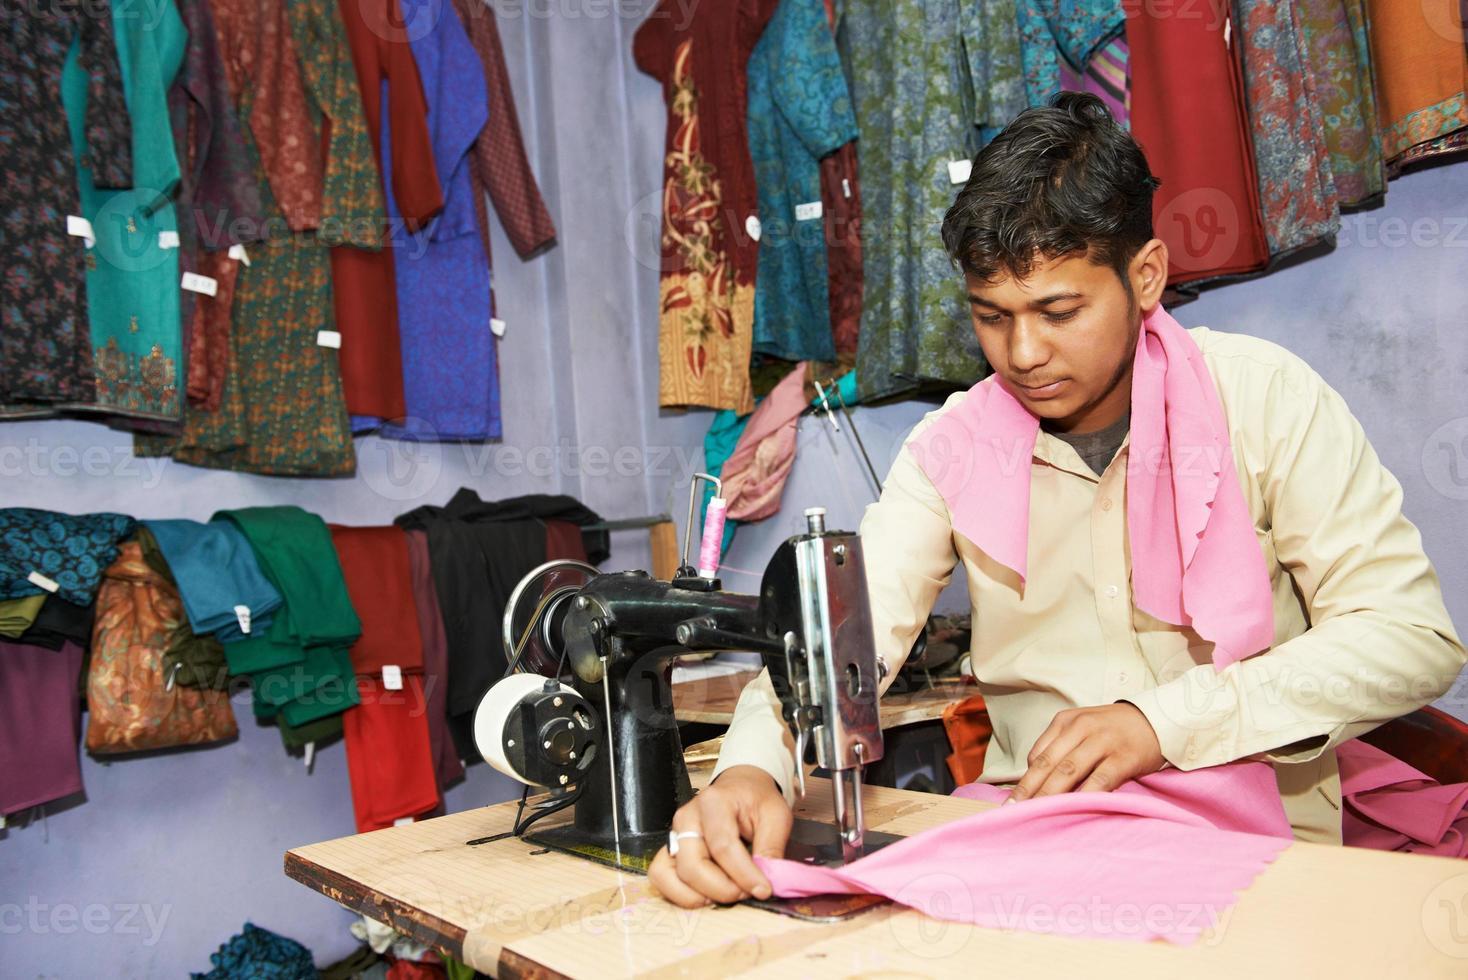 deux tailleurs de l'homme indien photo